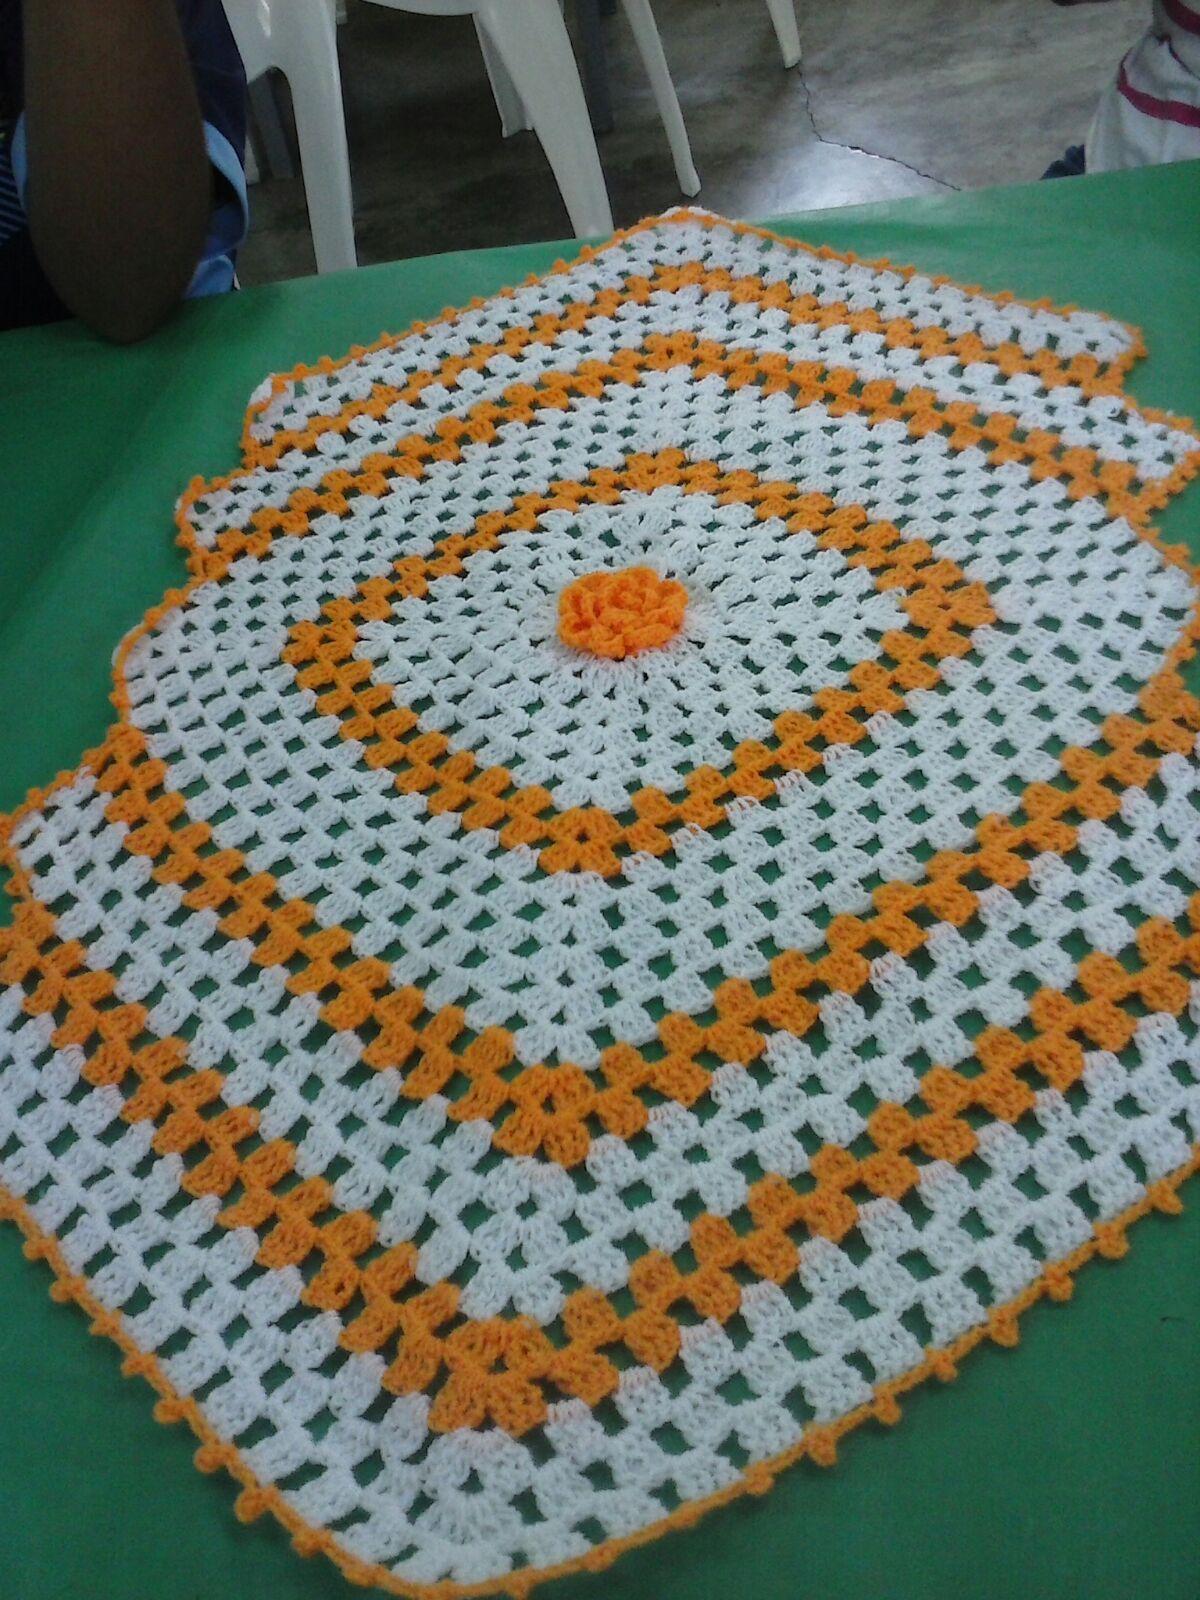 Patrones de tejidos en crochet para manteles - Mantel de crochet ...